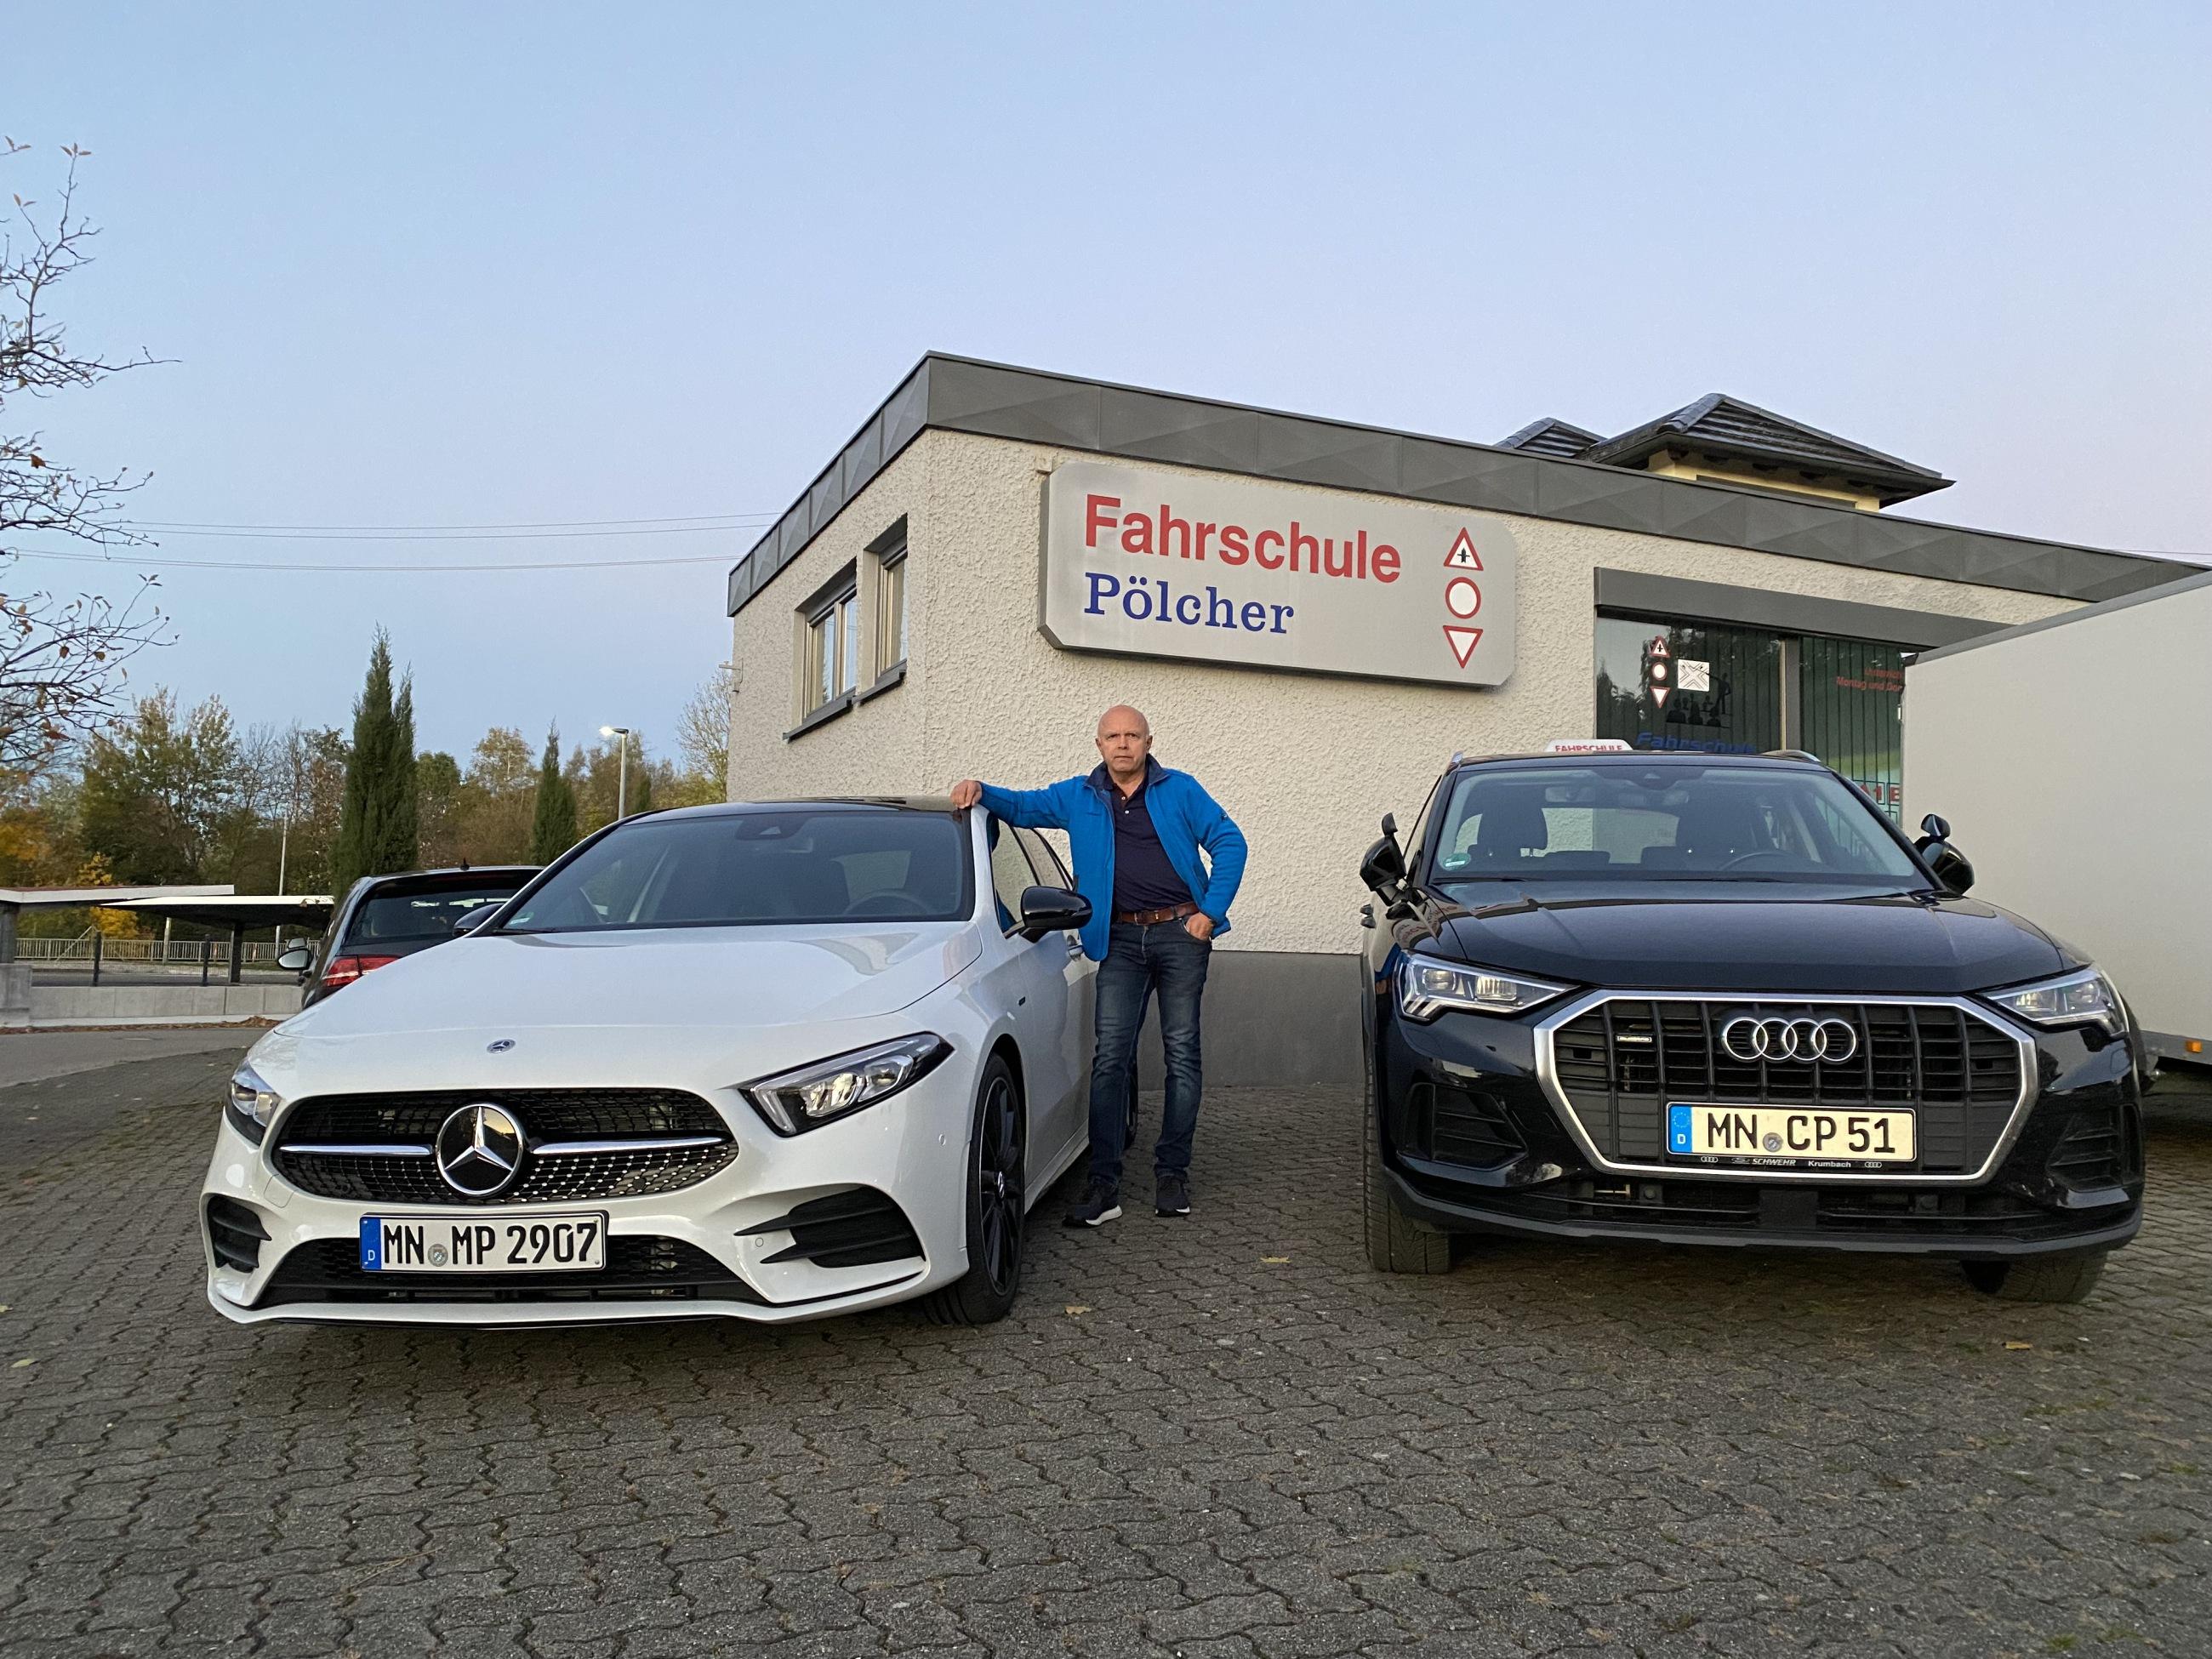 Fahrschule Michael Pölcher